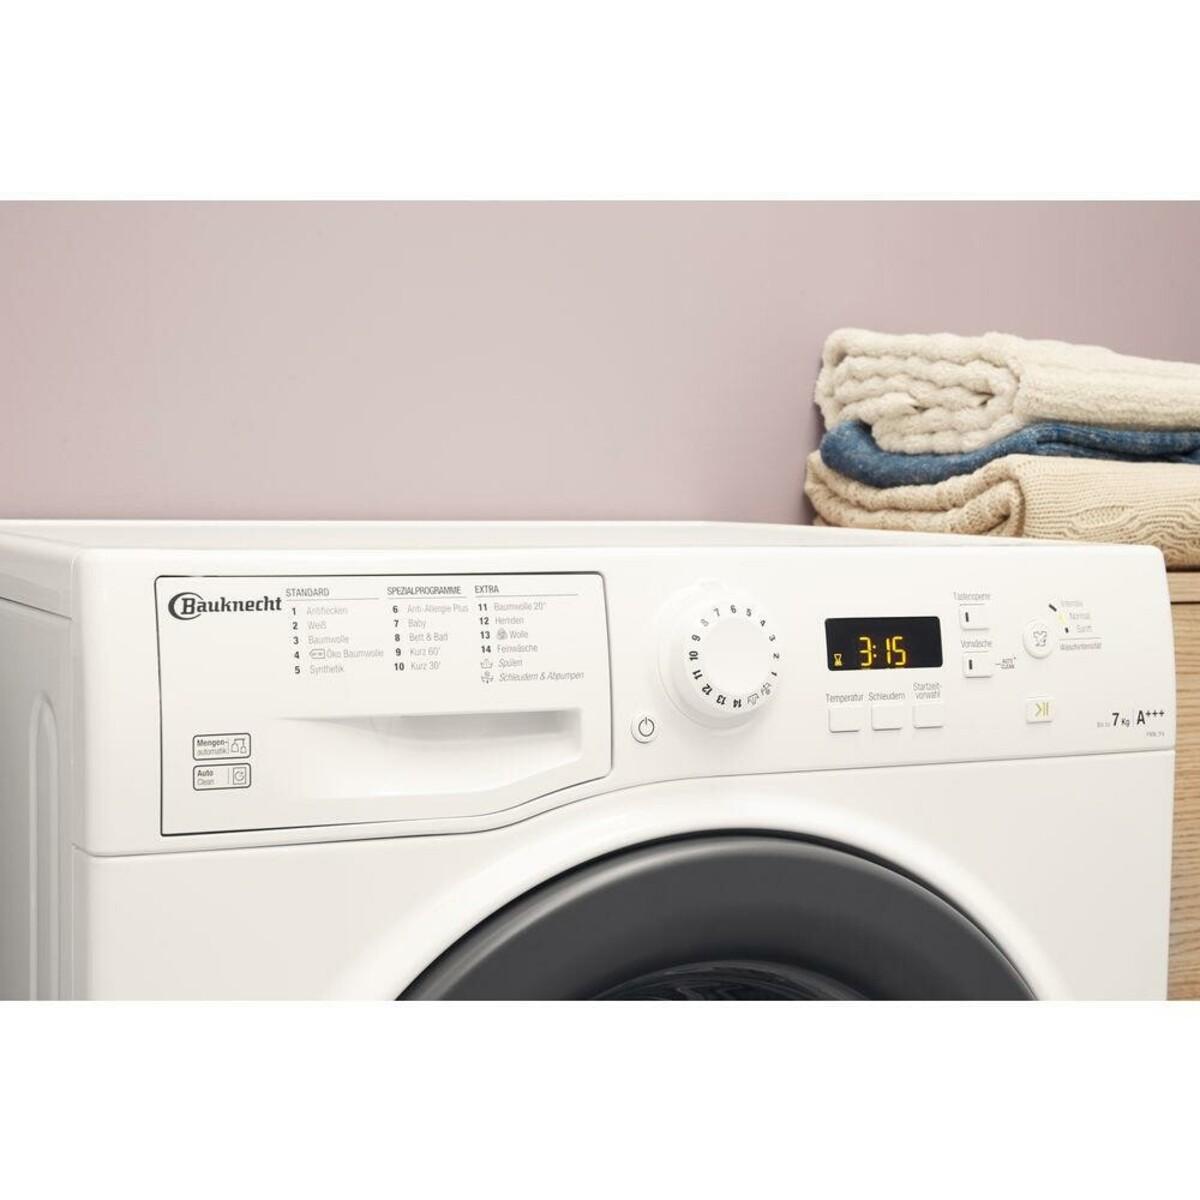 Bild 5 von BAUKNECHT FWM 7F4 Waschmaschine (7 kg, 1400 U/min., A+++, Wolle, Anti-Allergie)